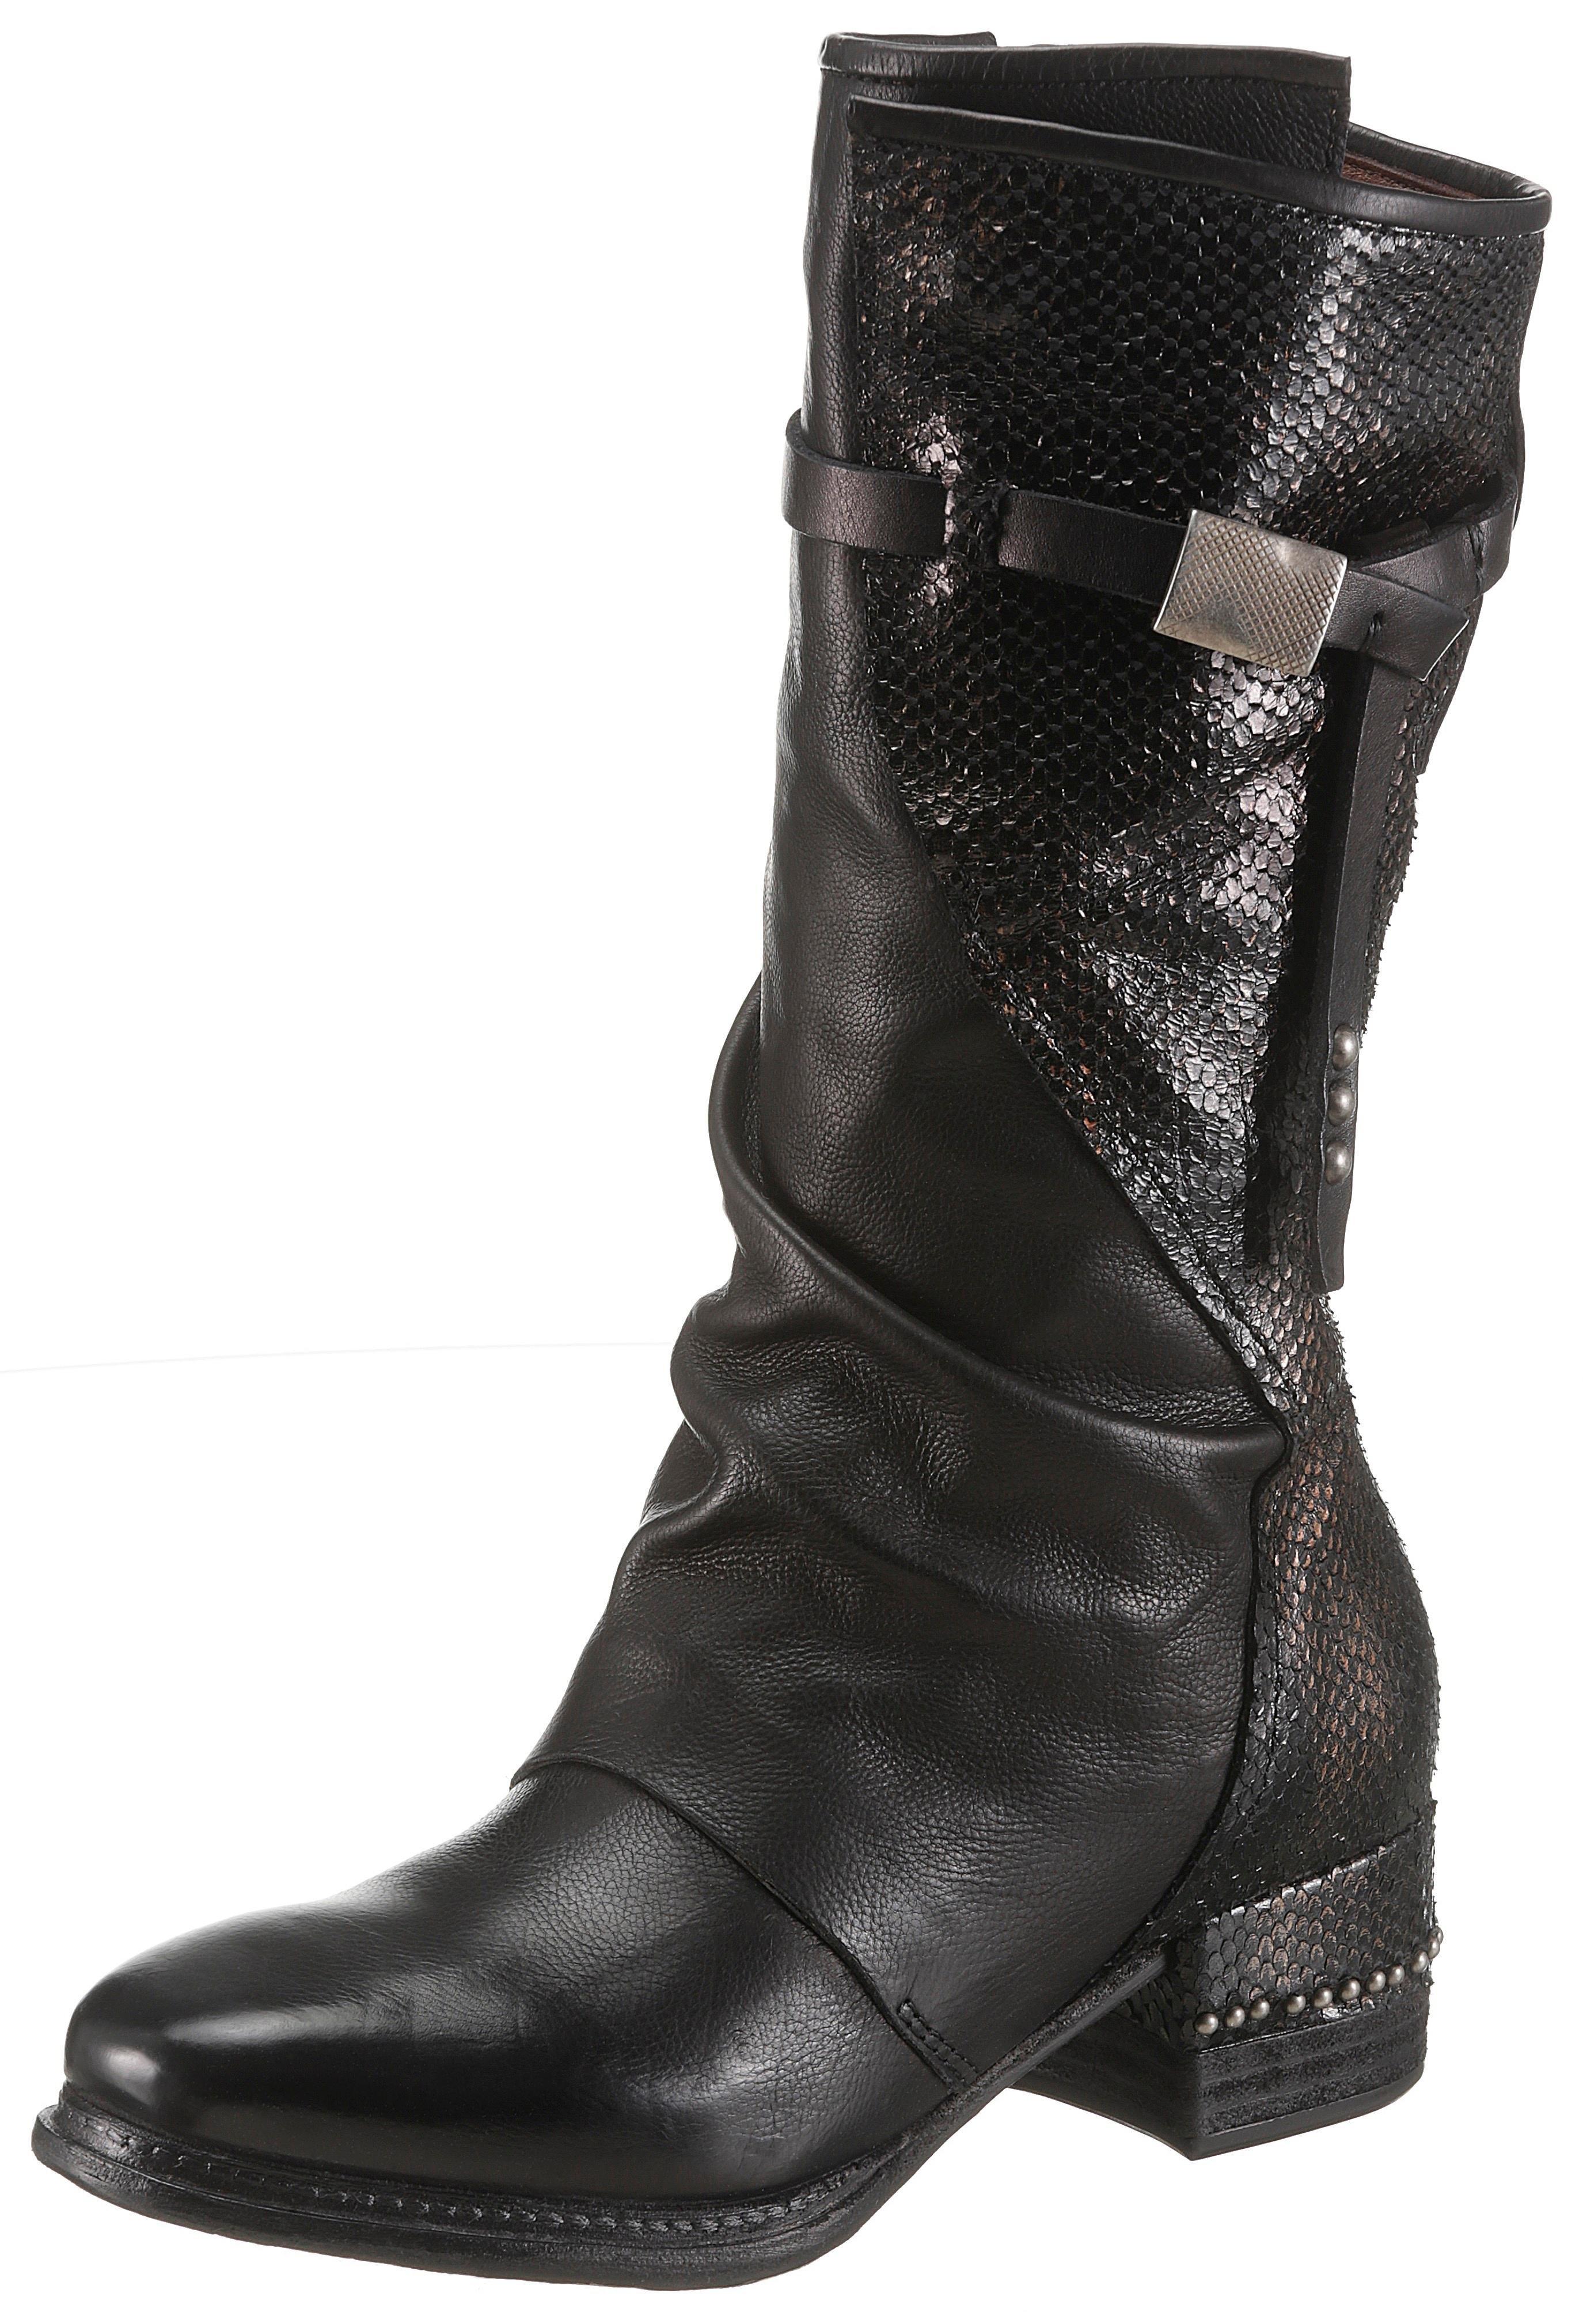 Op zoek naar een A.s.98 laarzen? Koop online bij OTTO